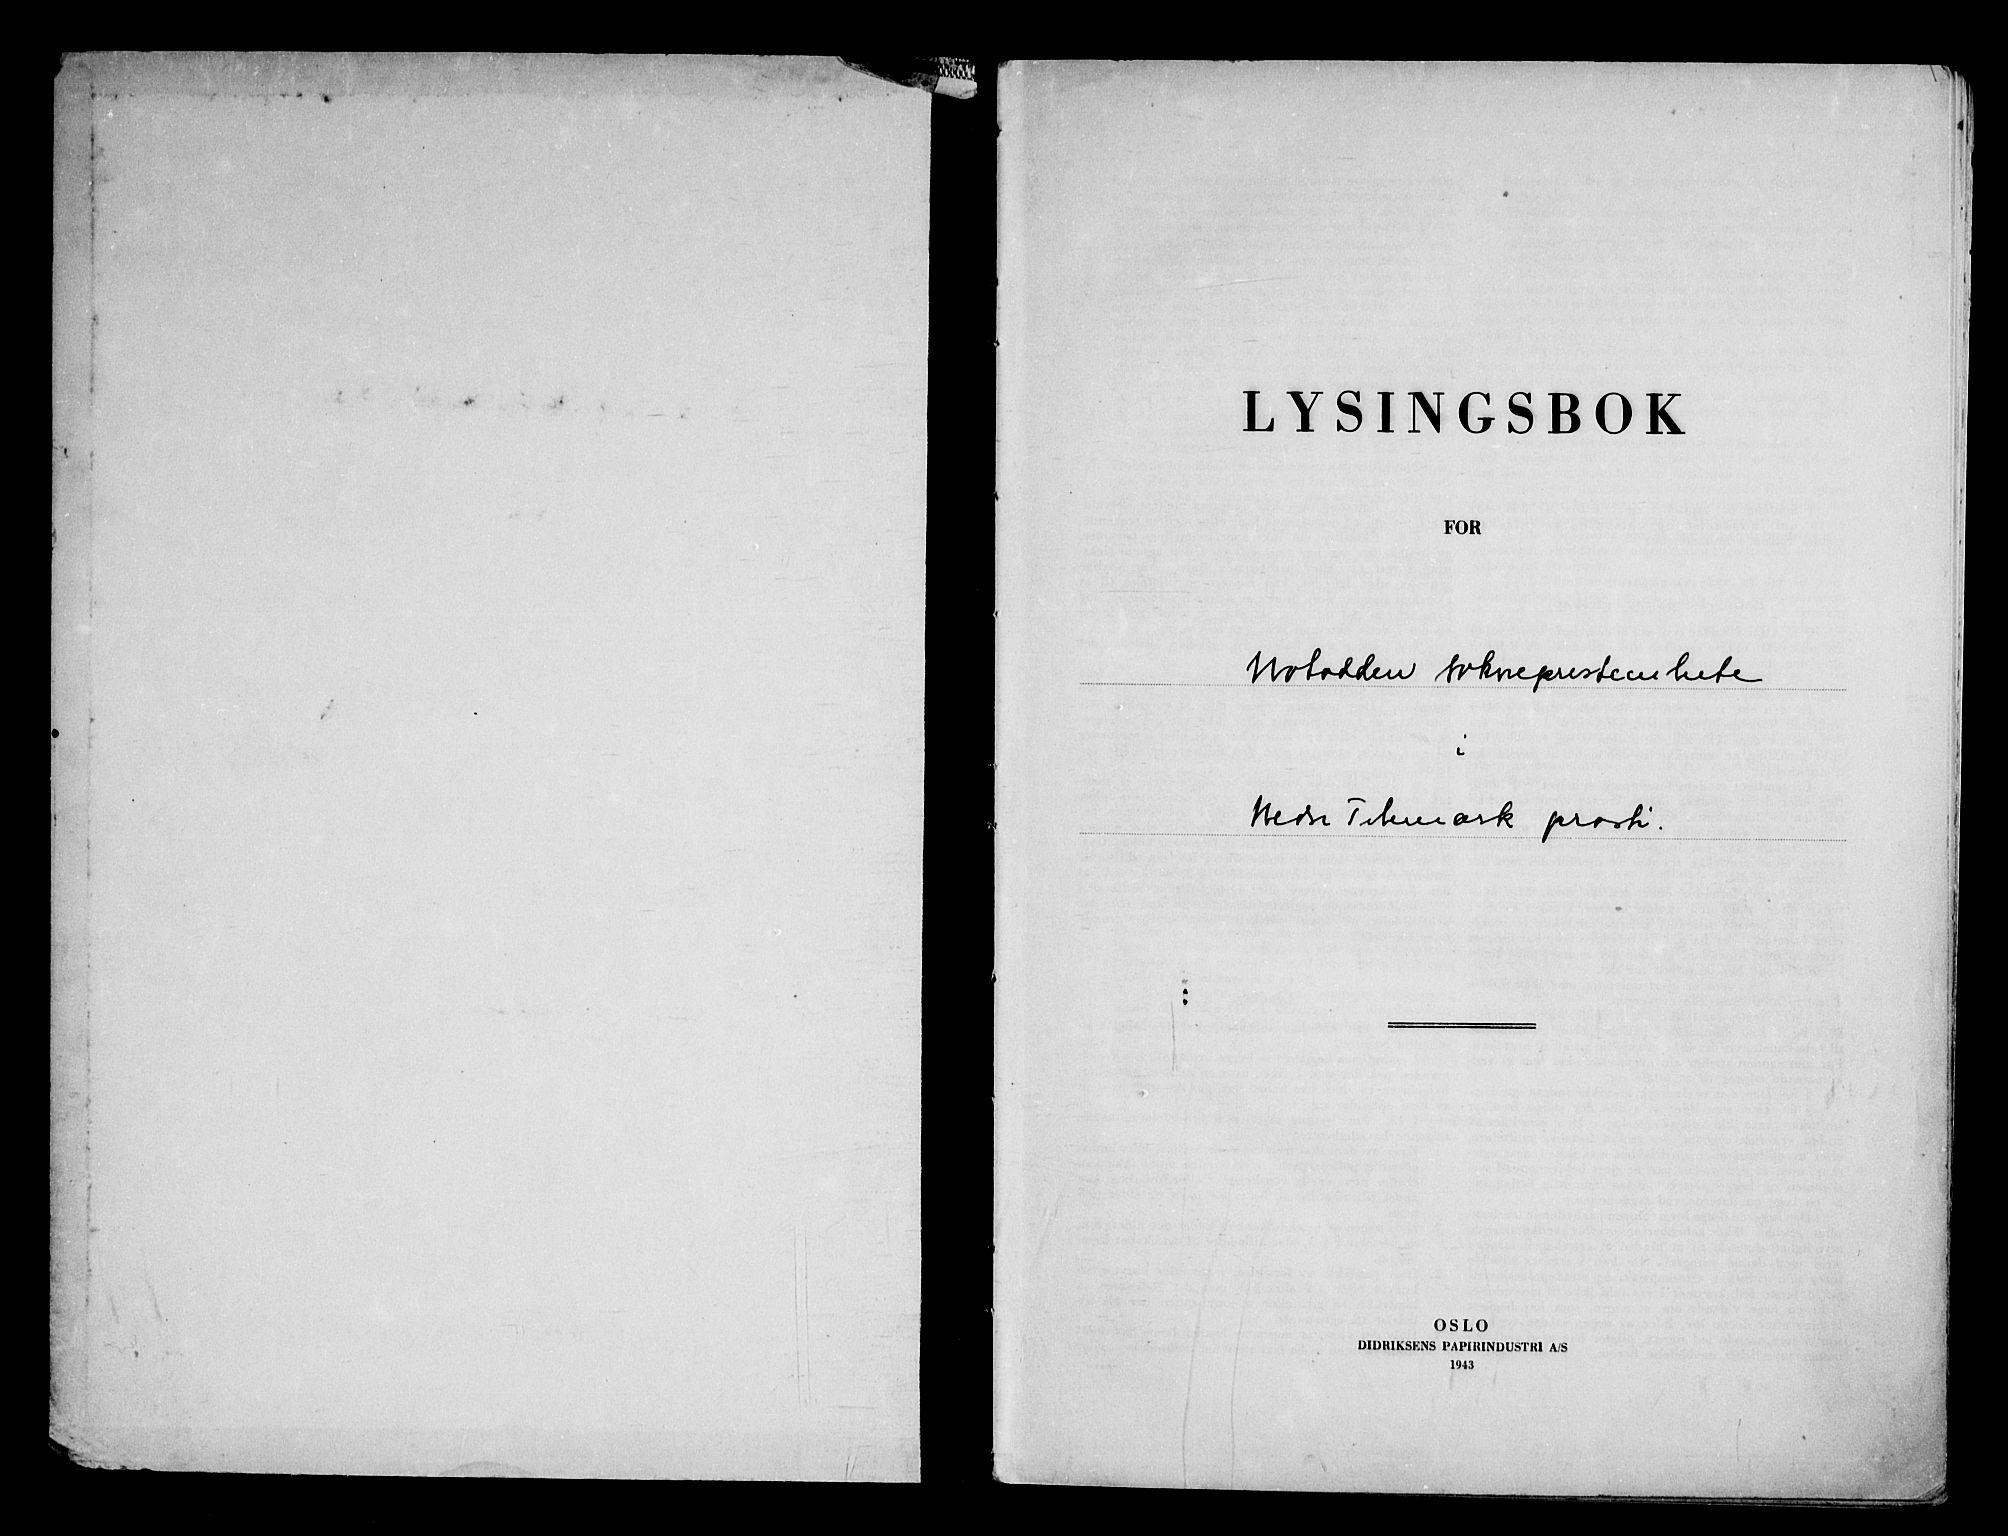 SAKO, Notodden kirkebøker, H/Ha/L0002: Lysningsprotokoll nr. 2, 1946-1958